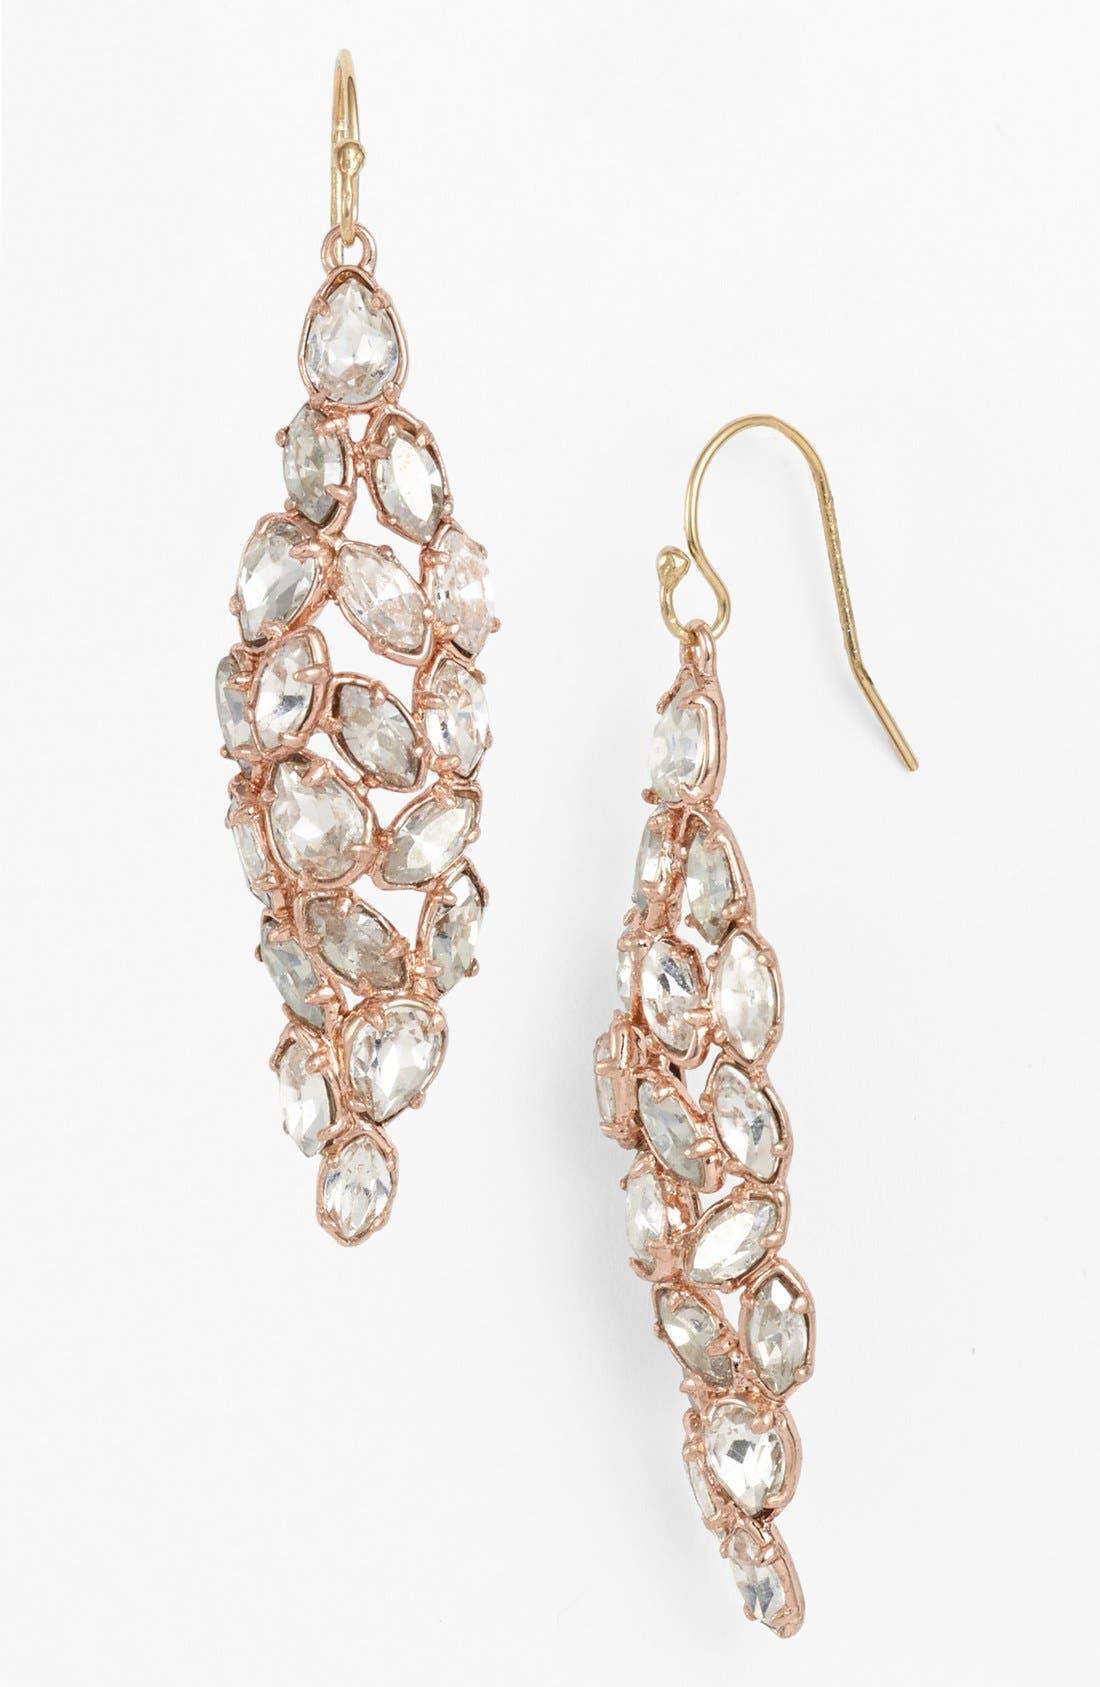 Main Image - Alexis Bittar 'Miss Havisham' Drop Earrings